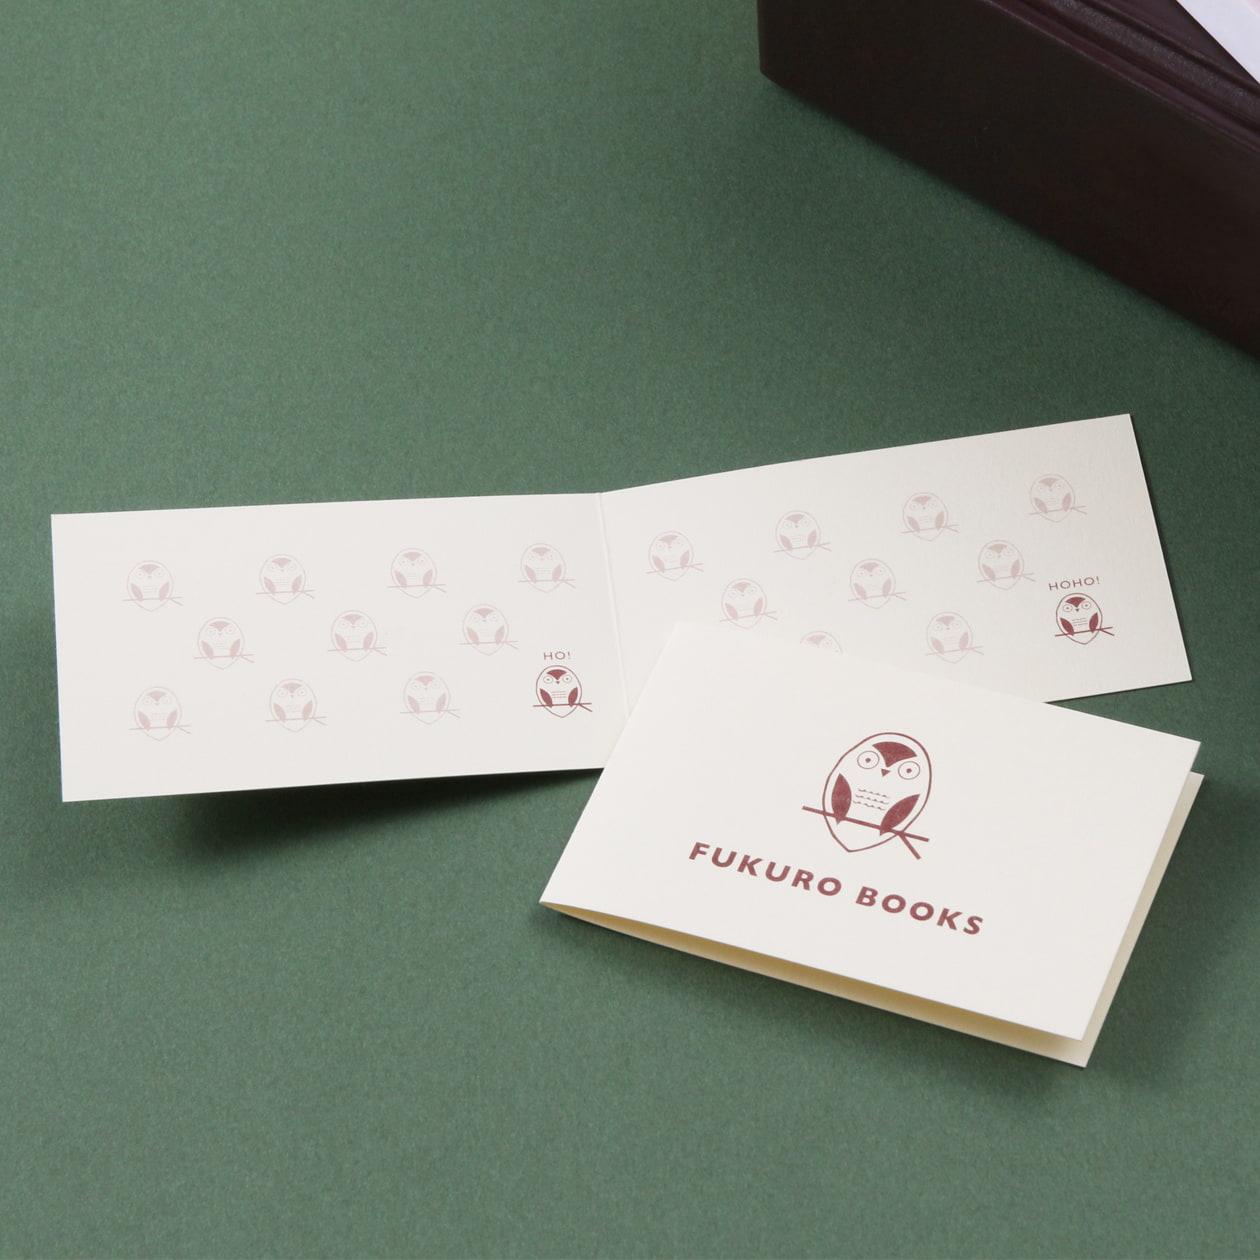 ブックストアの二つ折ポイントカード